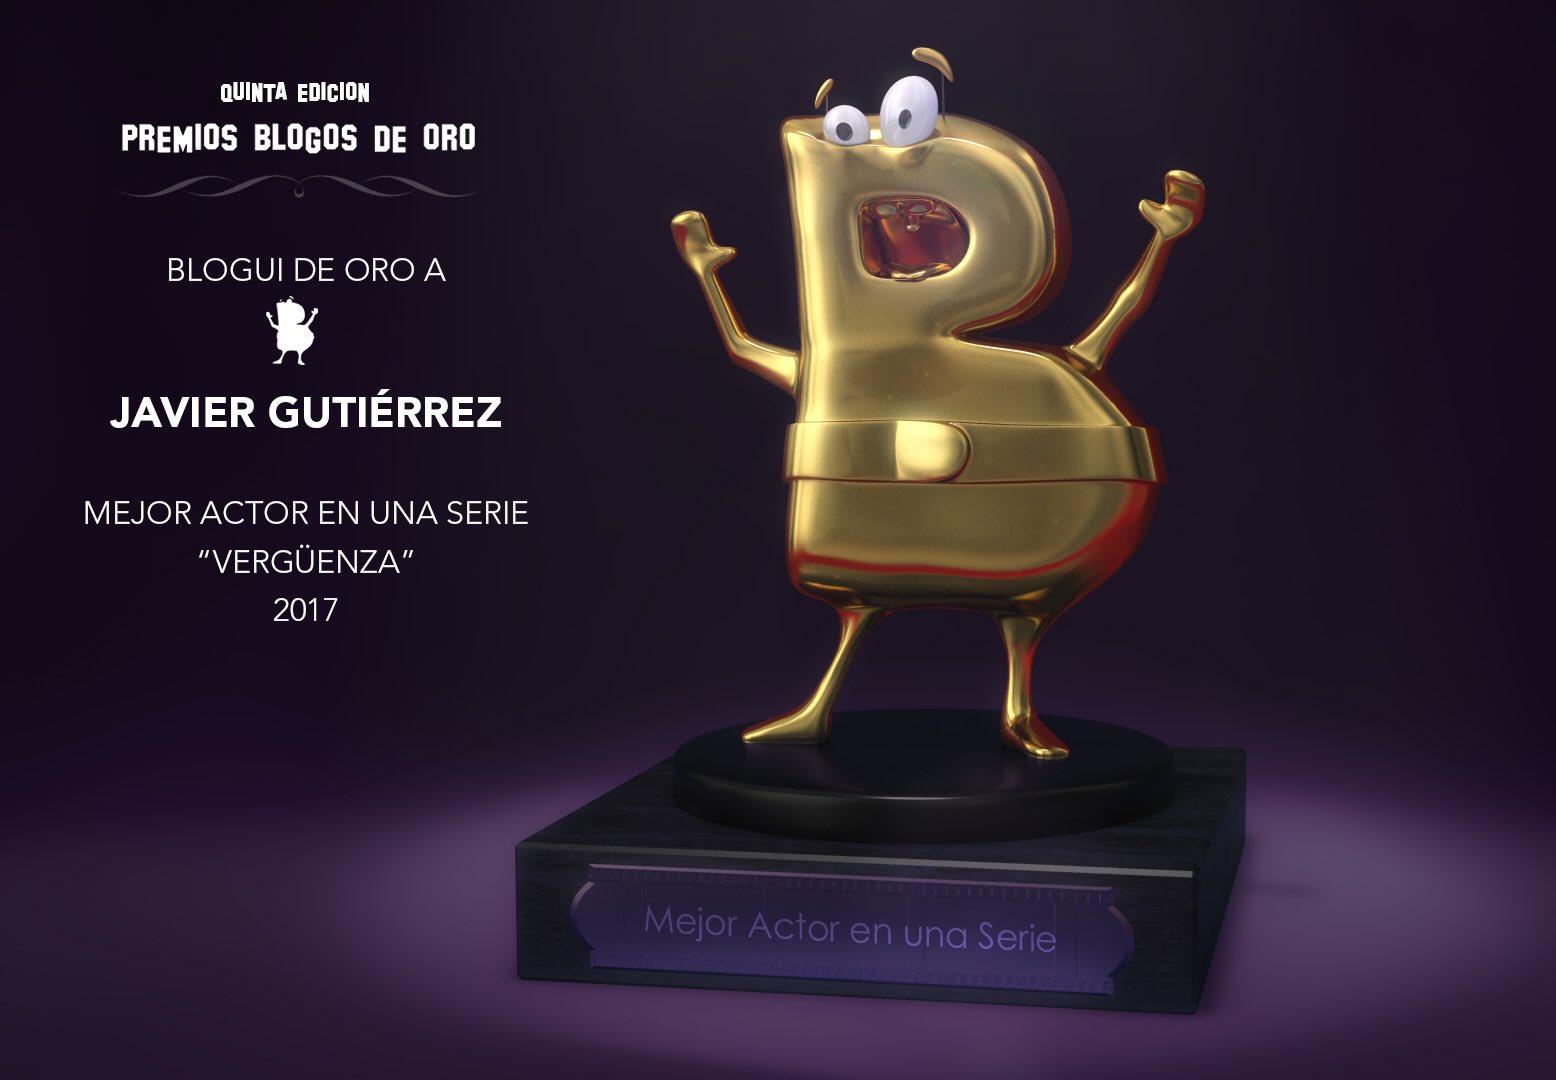 Javier Gutiérrez Blogos de Oro